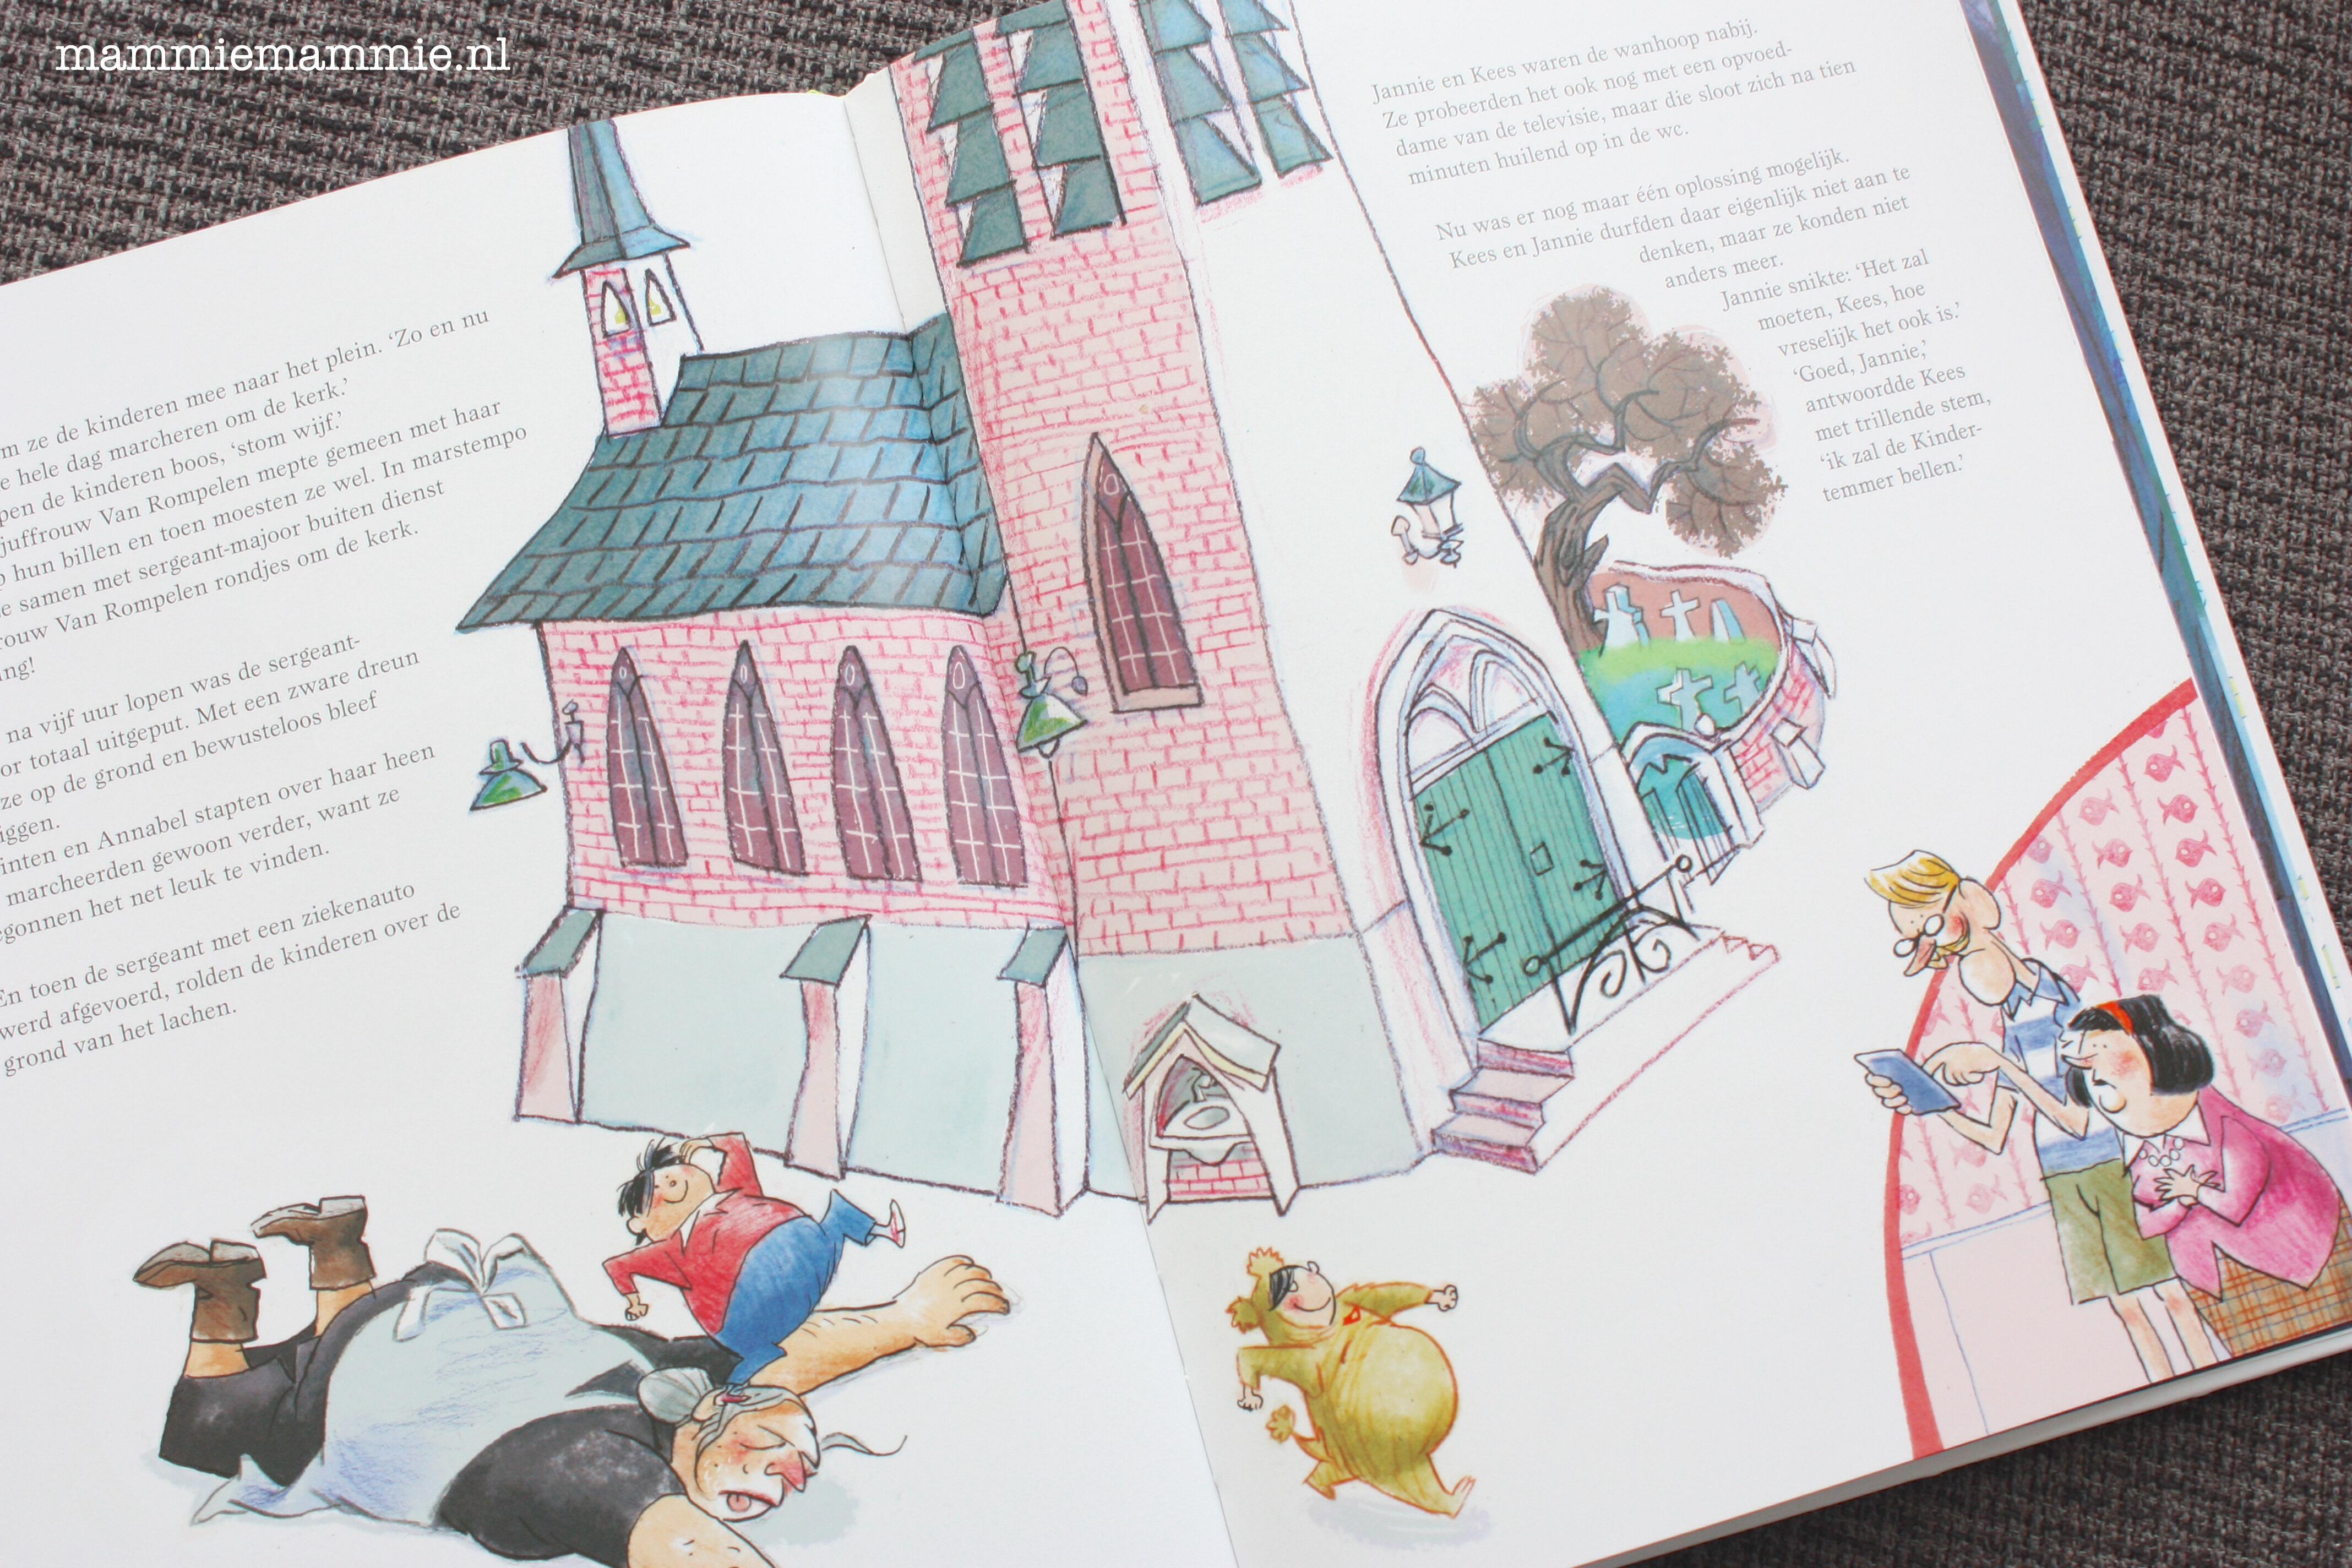 New In Drie Leuke Kinderboeken 2015 Mammie Mammie Mama Blog